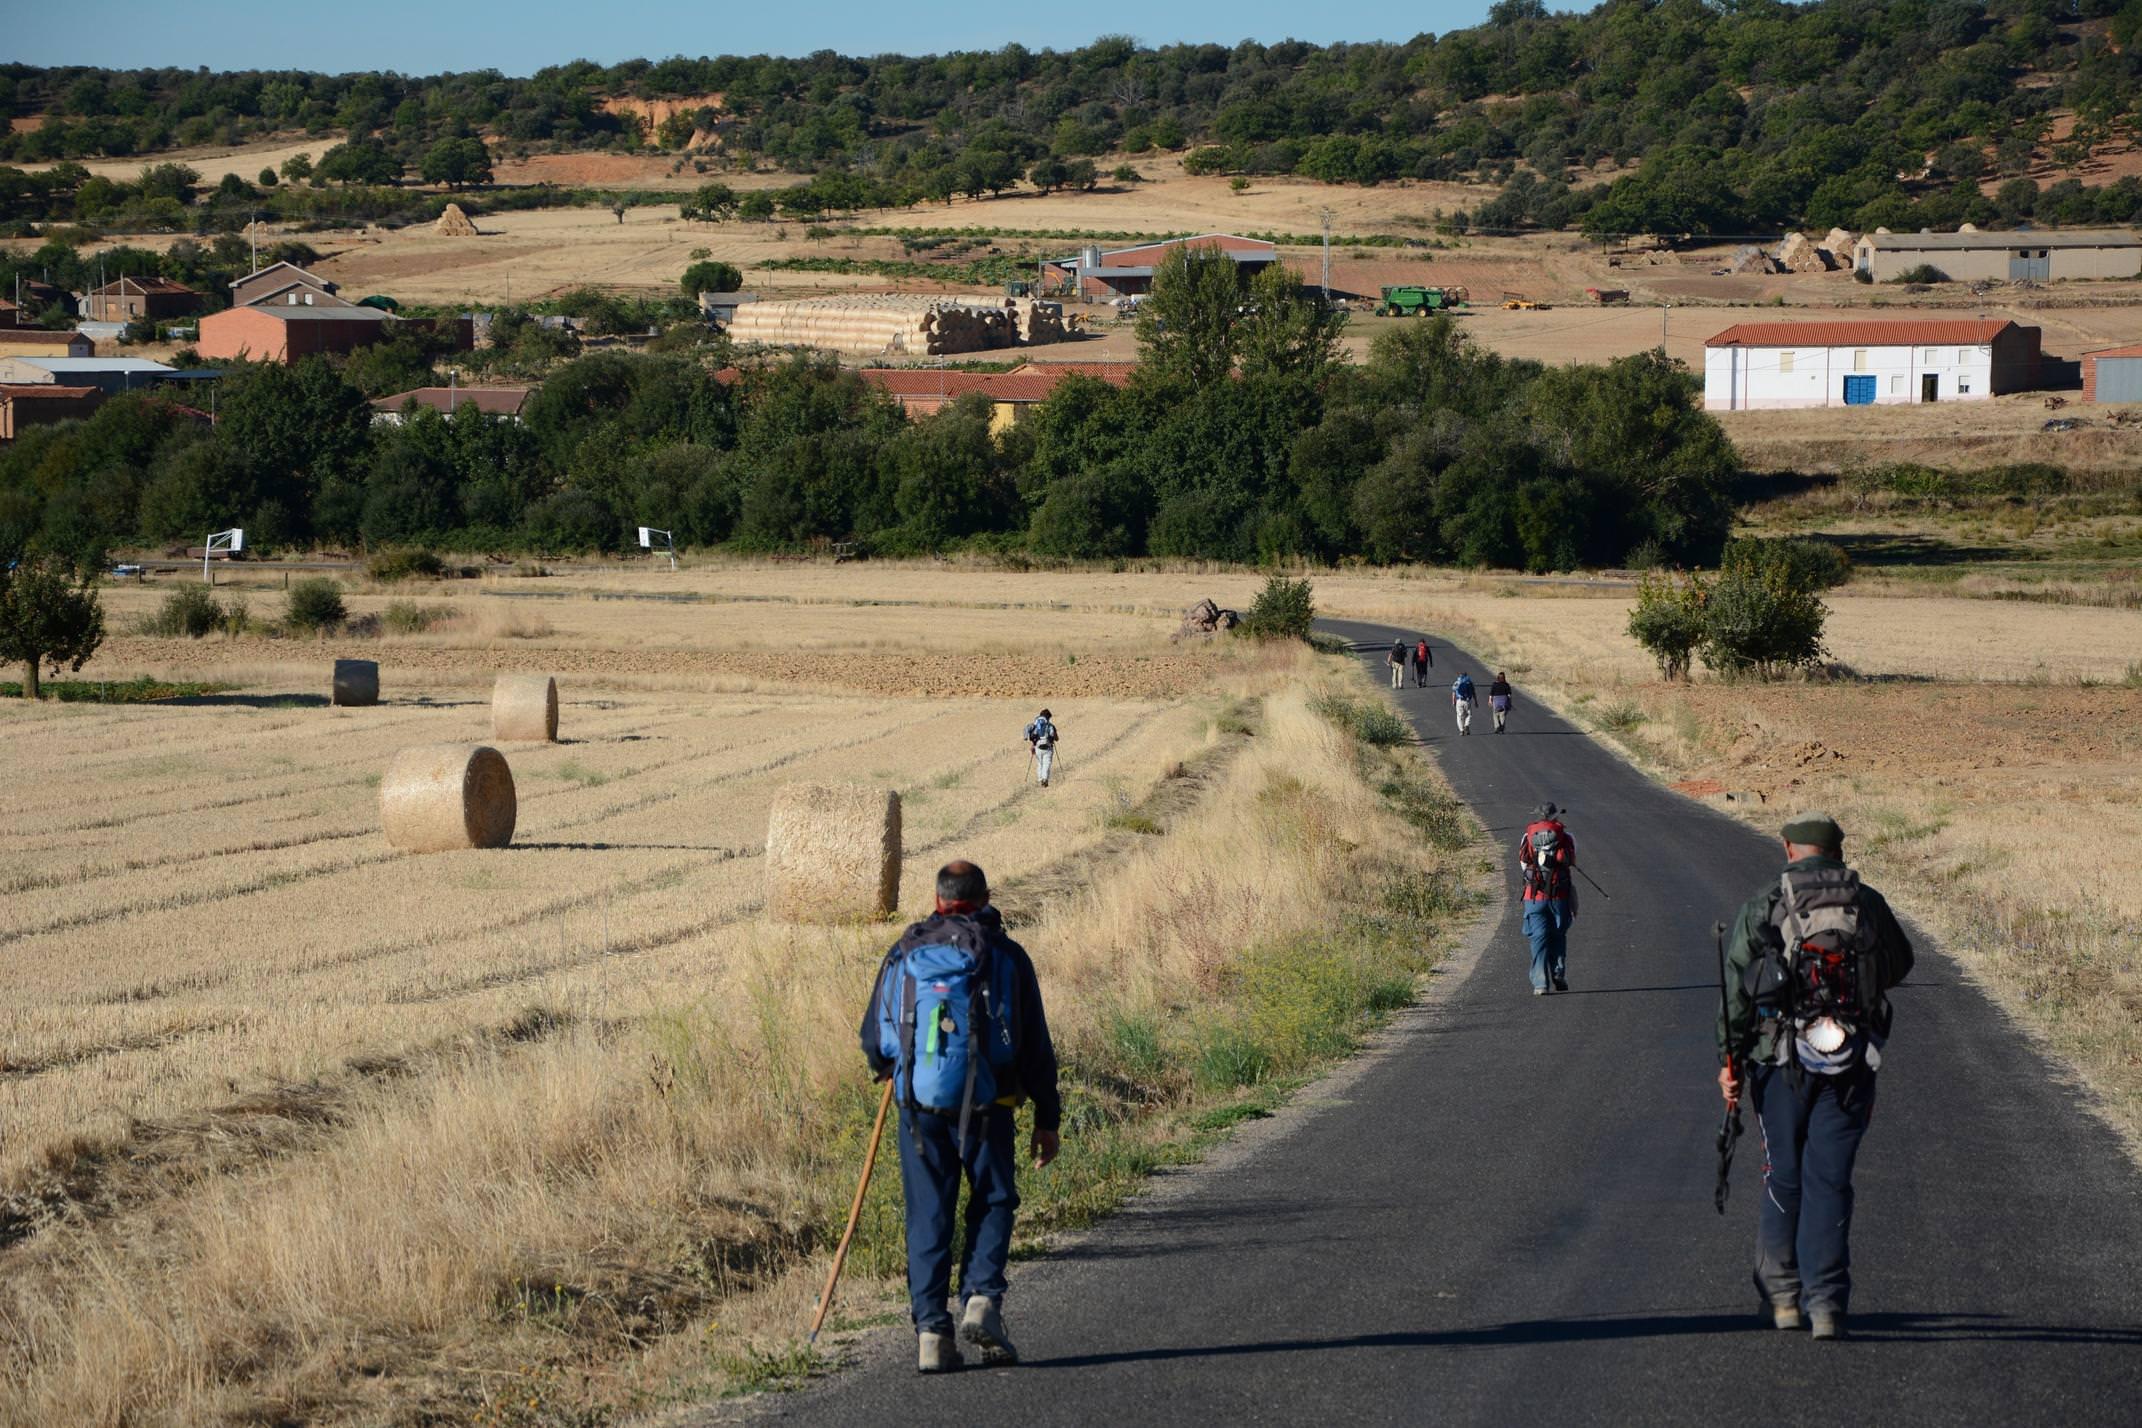 Spain camino de santiago pilgrims on road